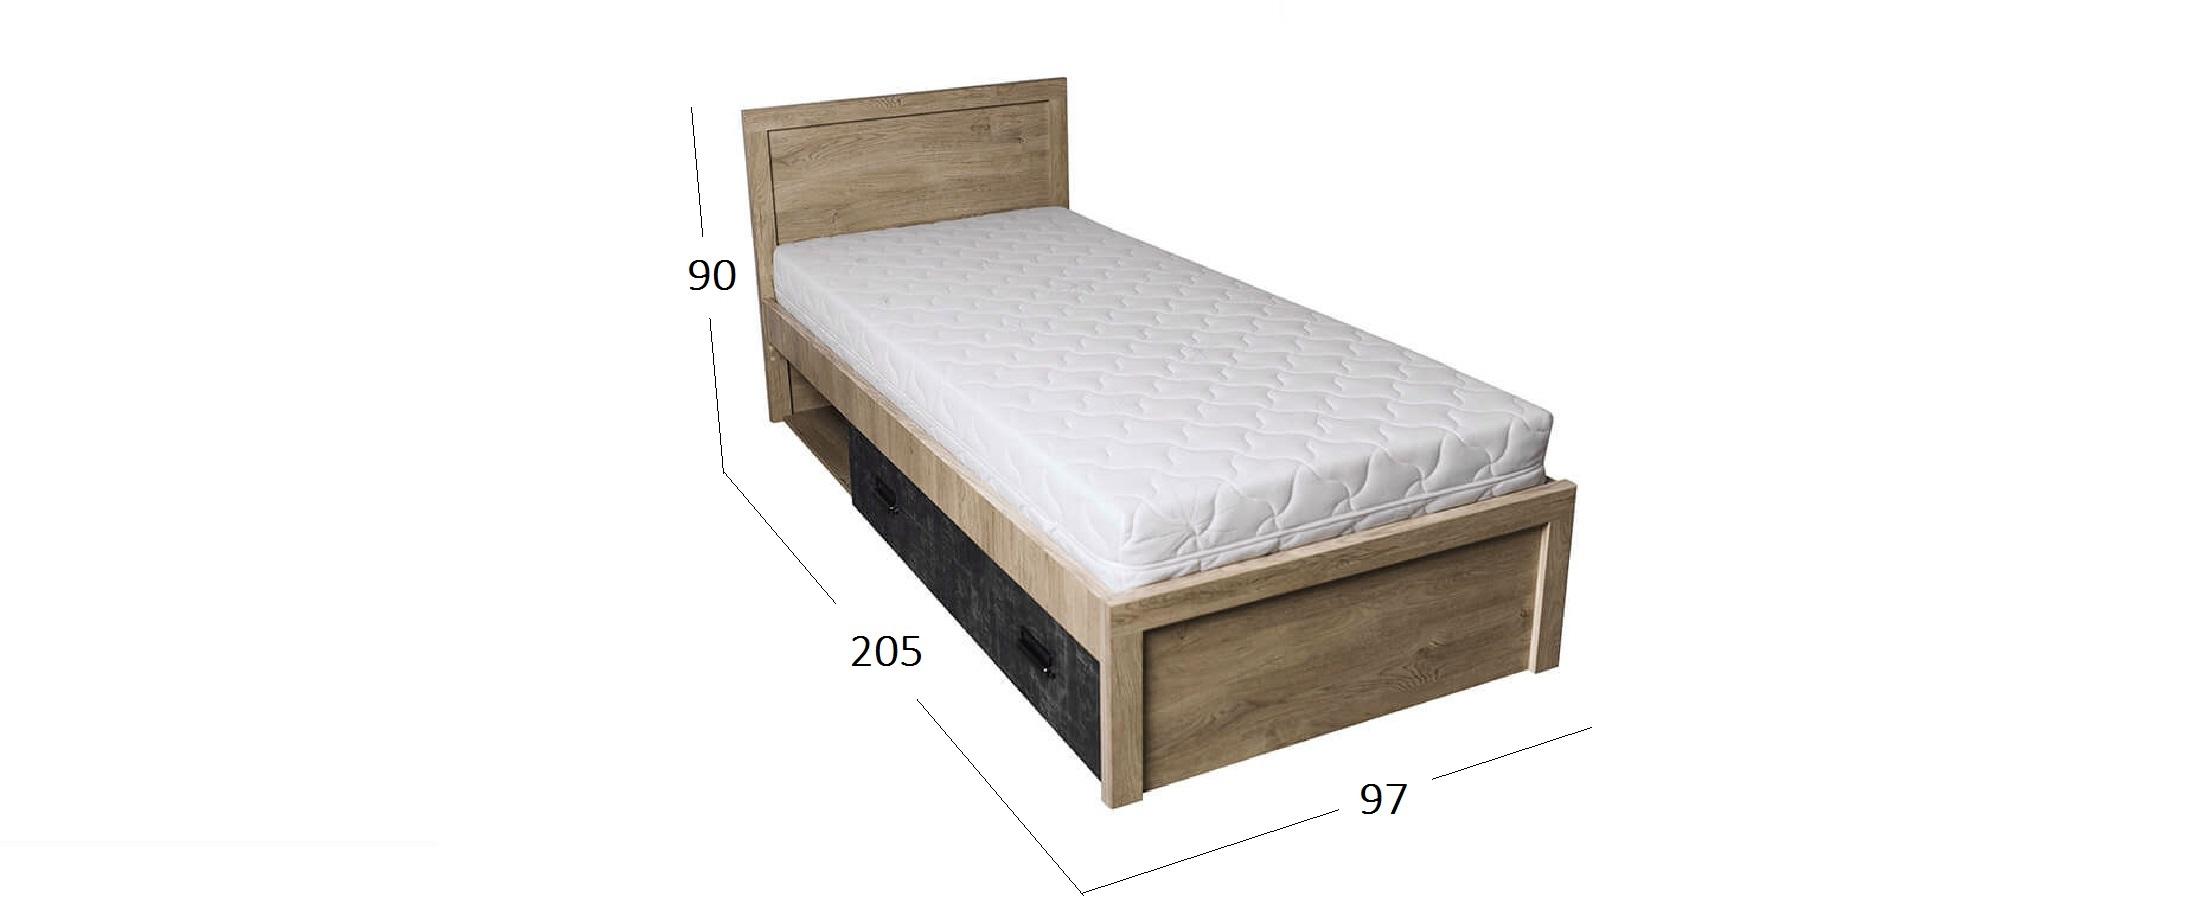 Кровать Дизель на 90 Модель 732Кровать Дизель на 90 Модель 732. Артикул Д001241